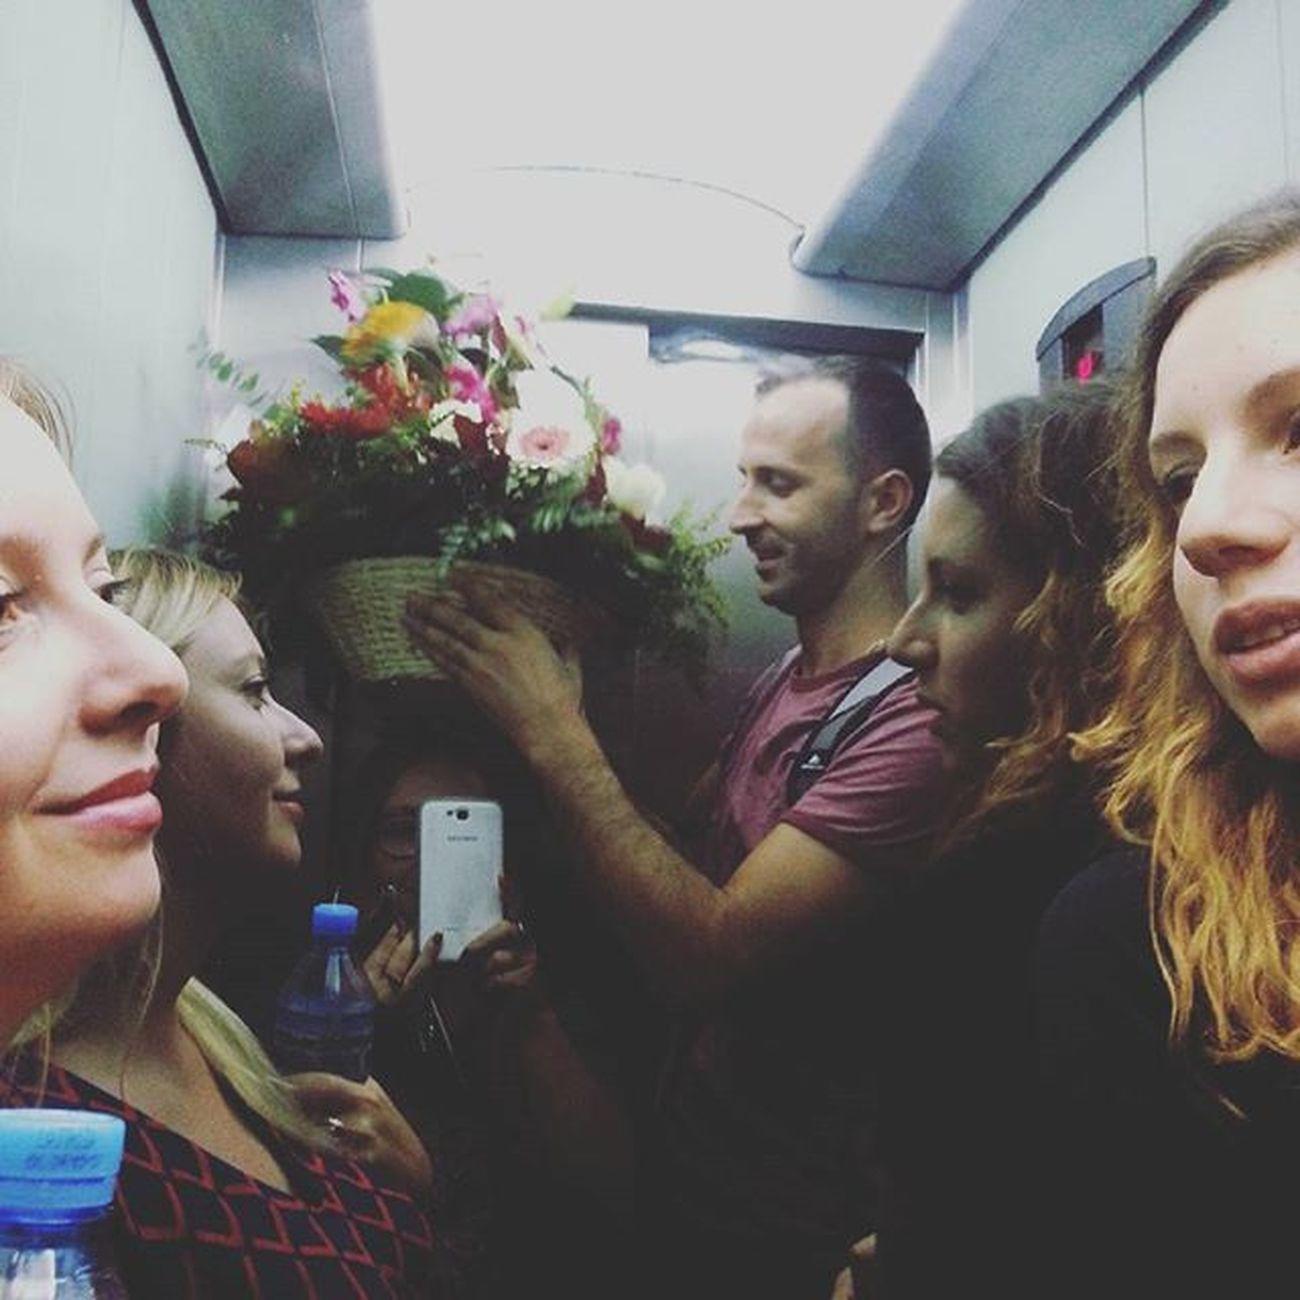 Elevatorselfie Flowerpower